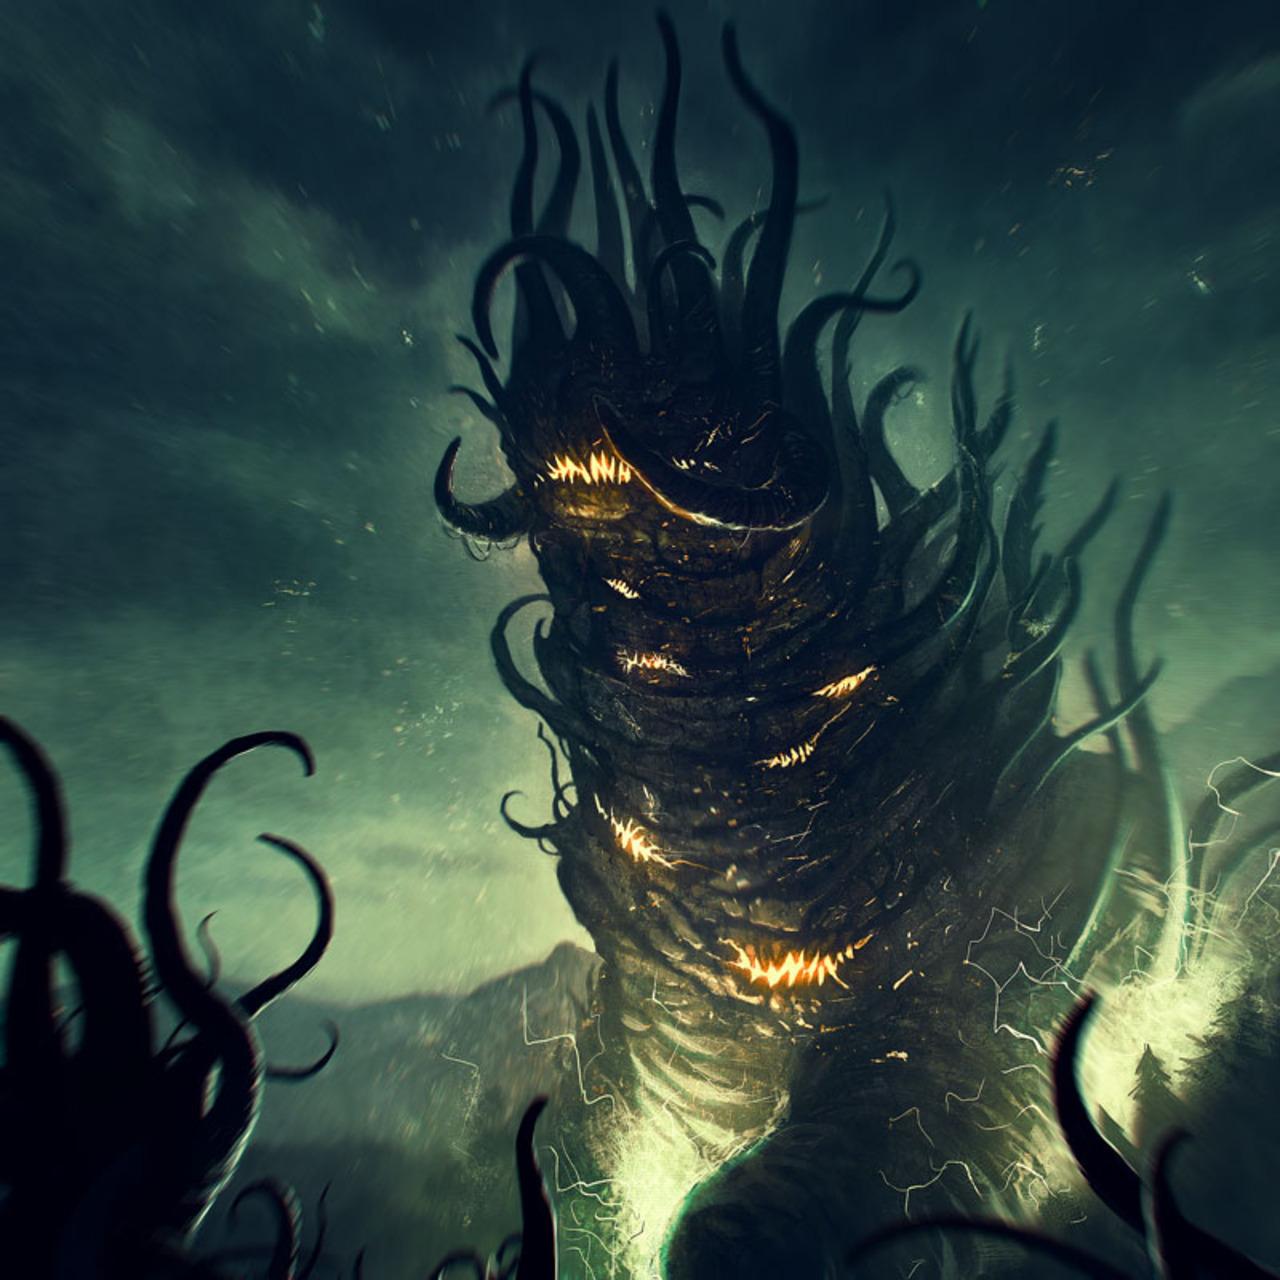 Shub-Niggurath (Lovecraft)